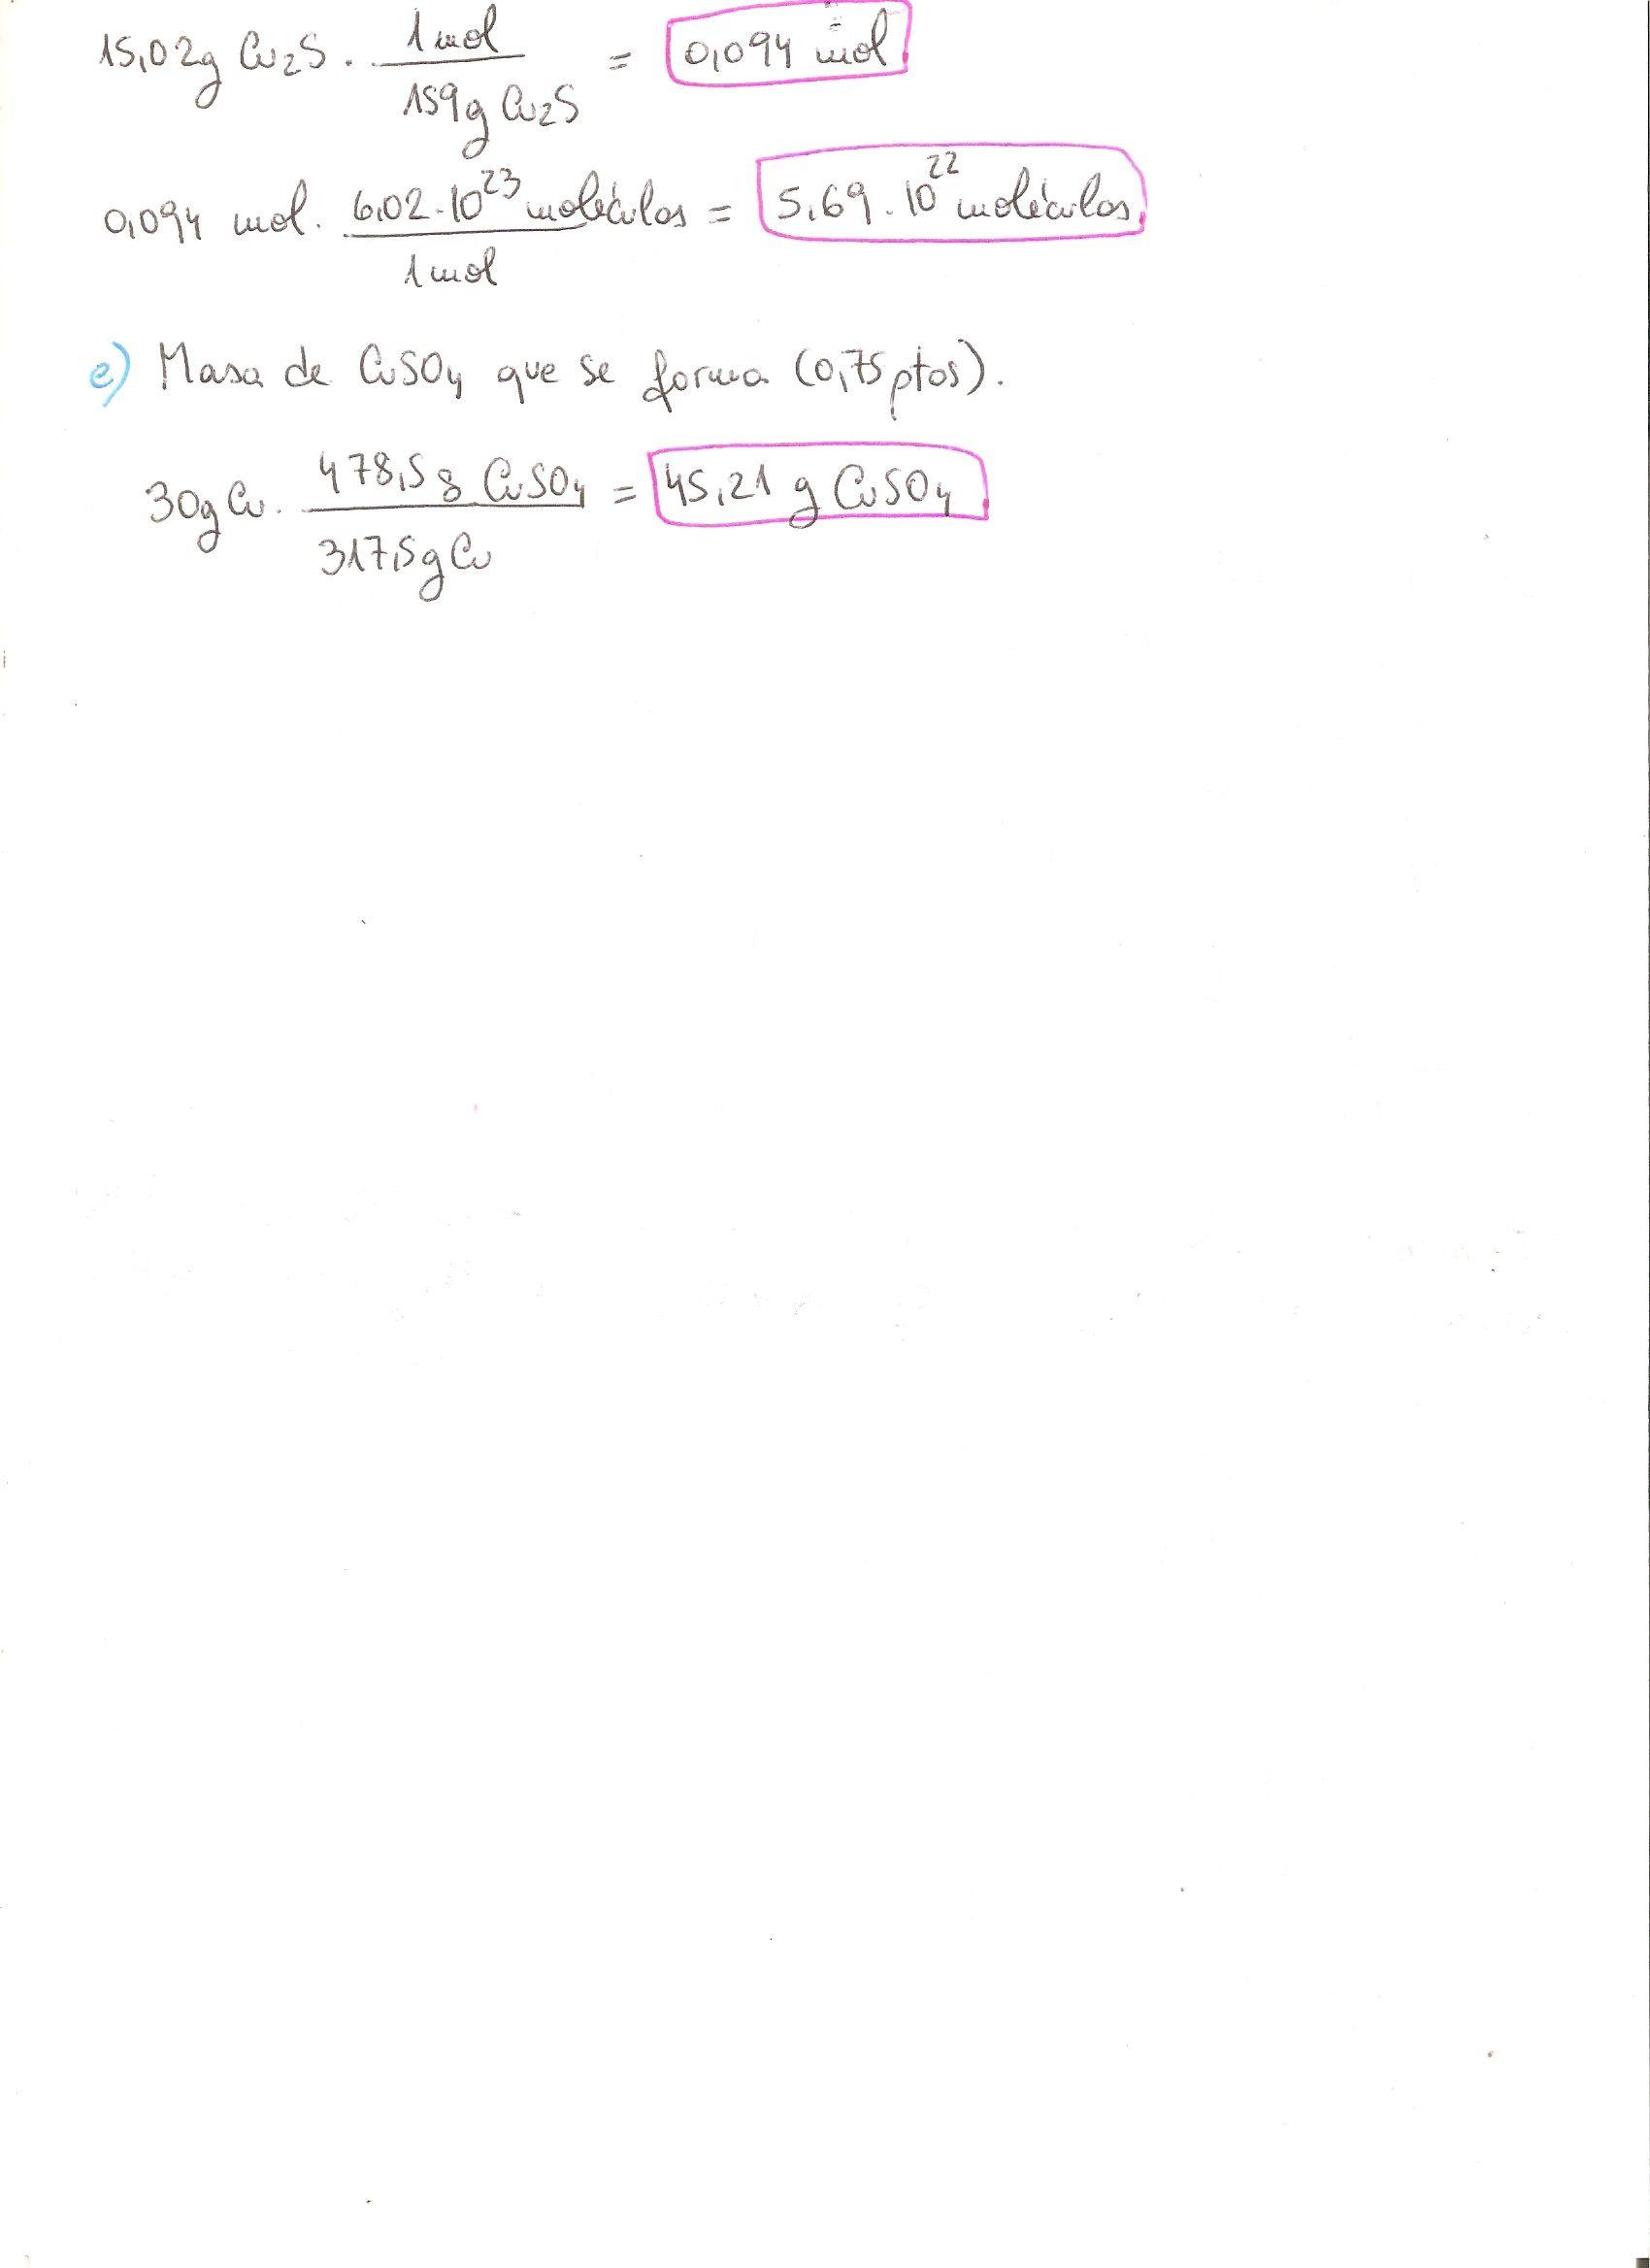 Ejercicio Resuelto De Reacciones Químicas Estequiometría Nivel Tercero Cuarto Eso Cálculos Con Factores D Reacciones Quimicas Ejercicios Resueltos Química